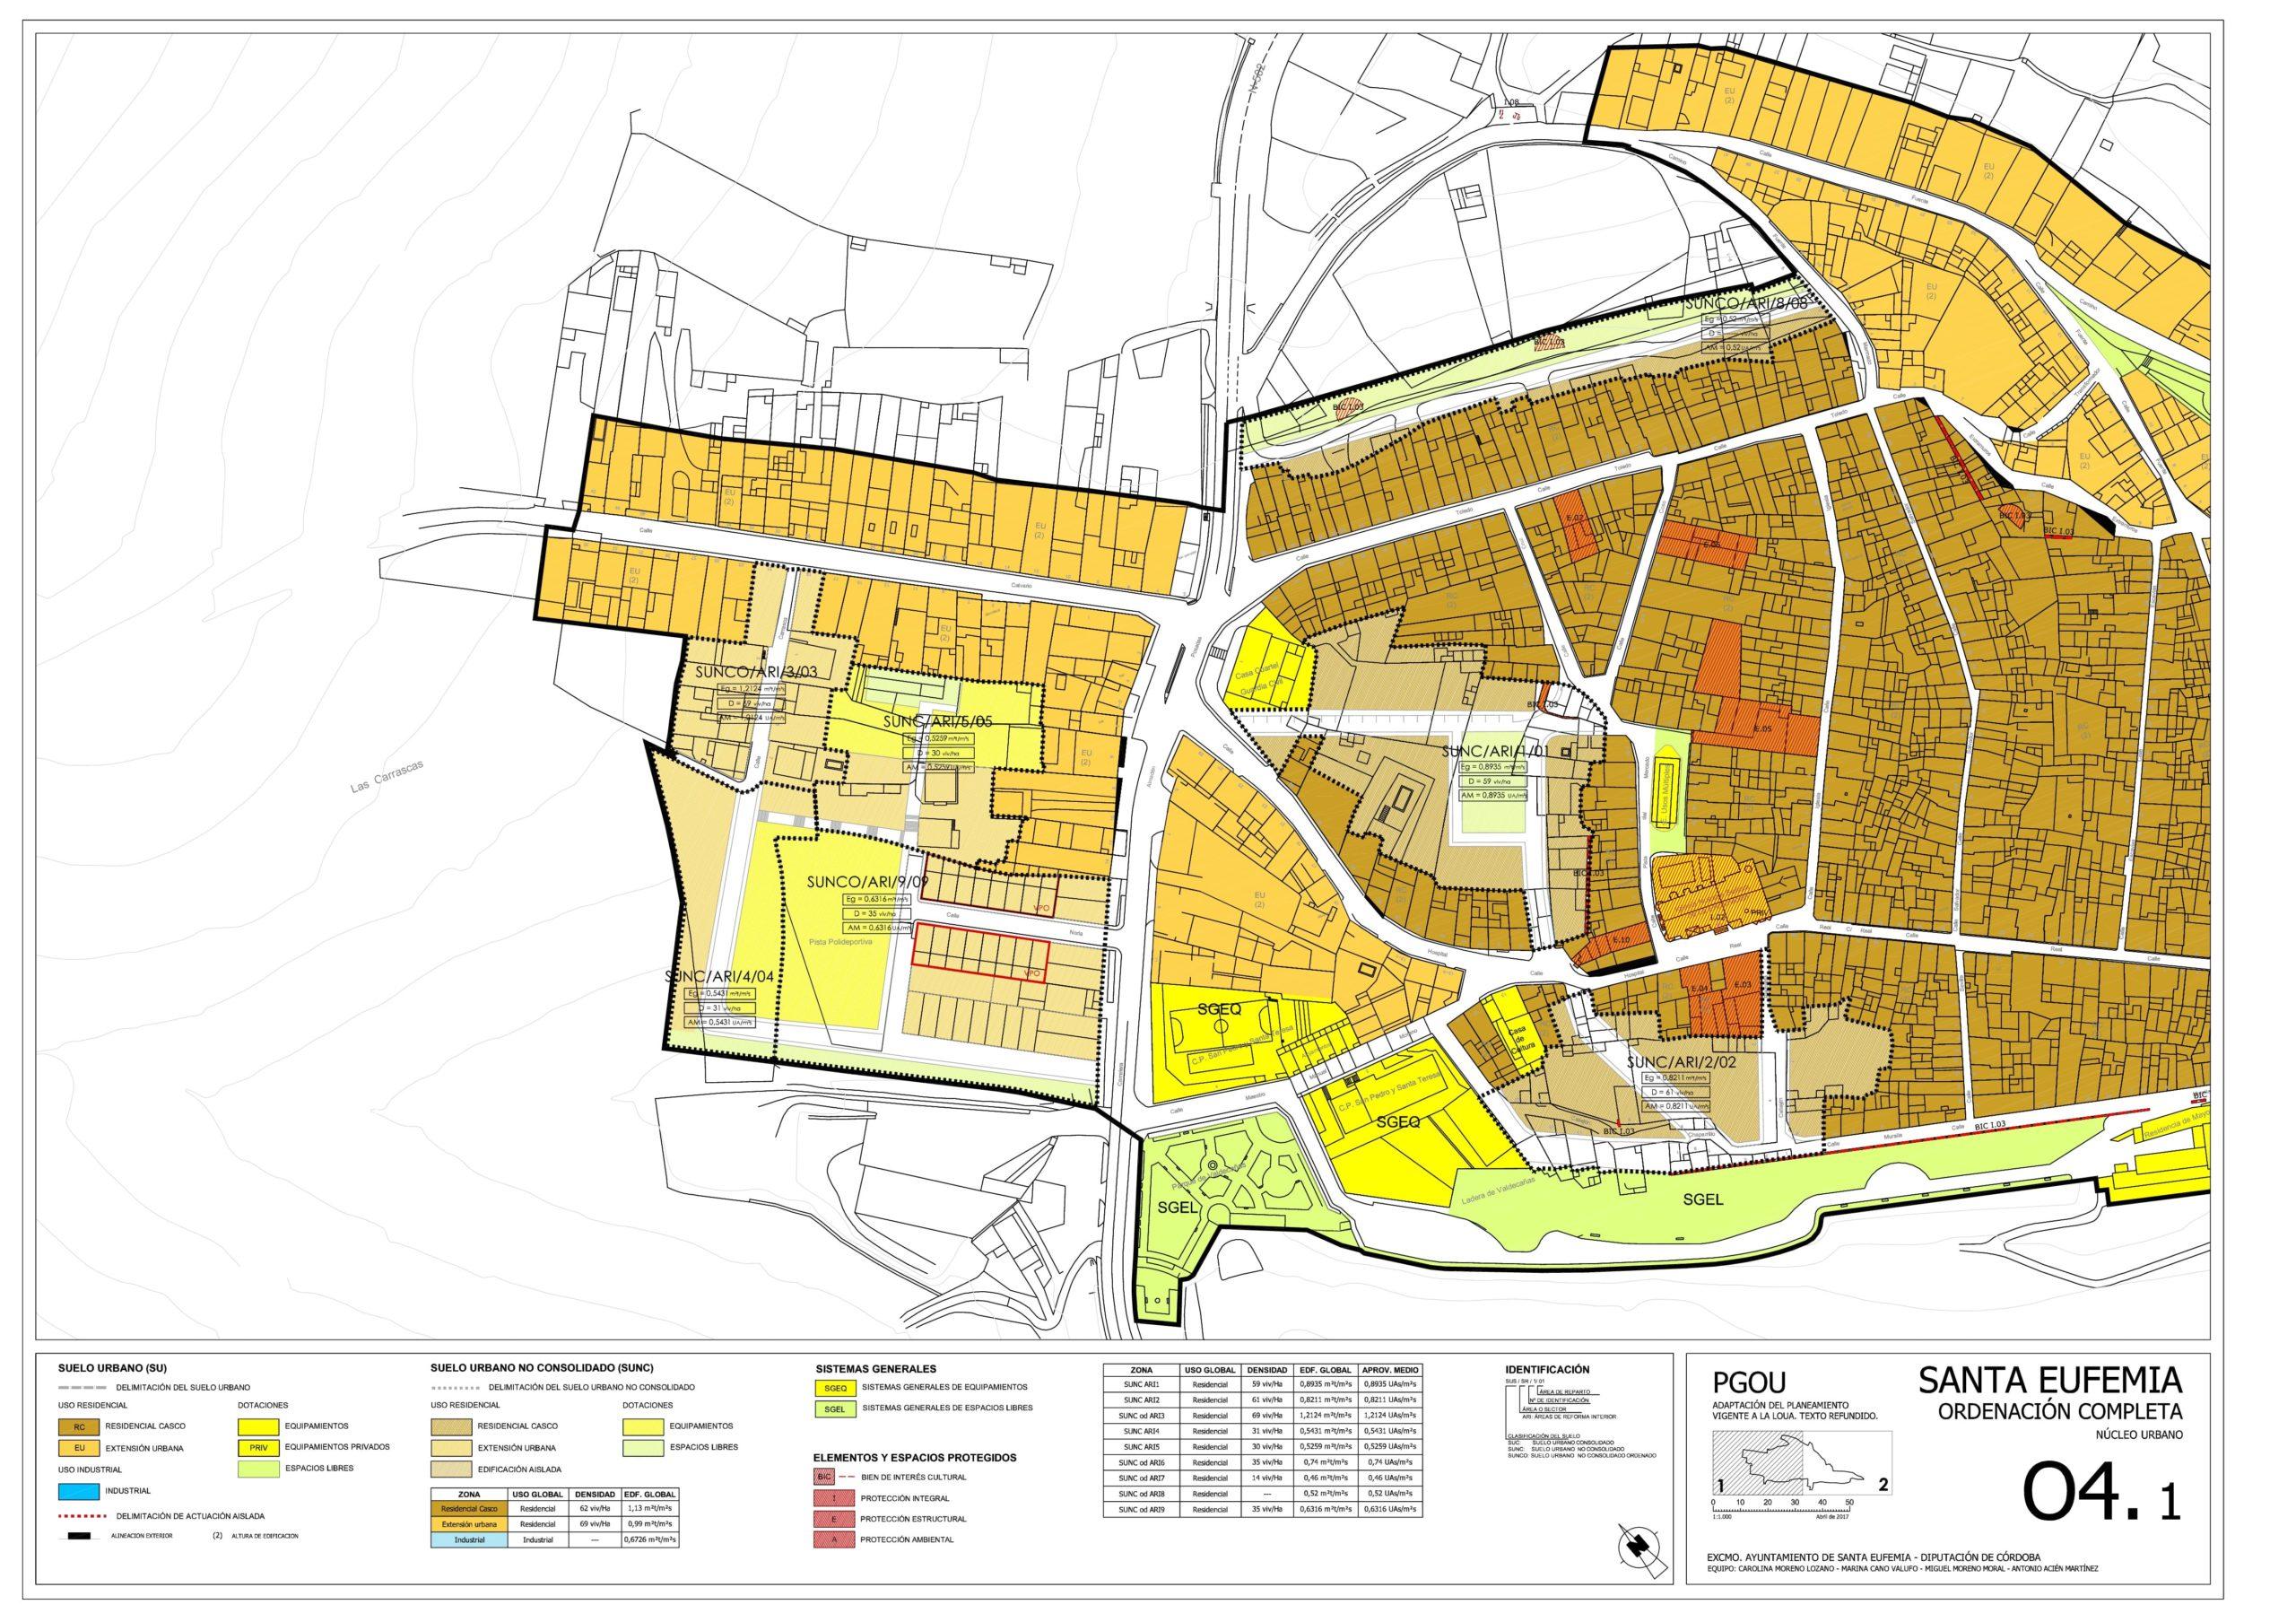 Transparencia en materias de urbanismo, obras públicas y medio ambiente 8